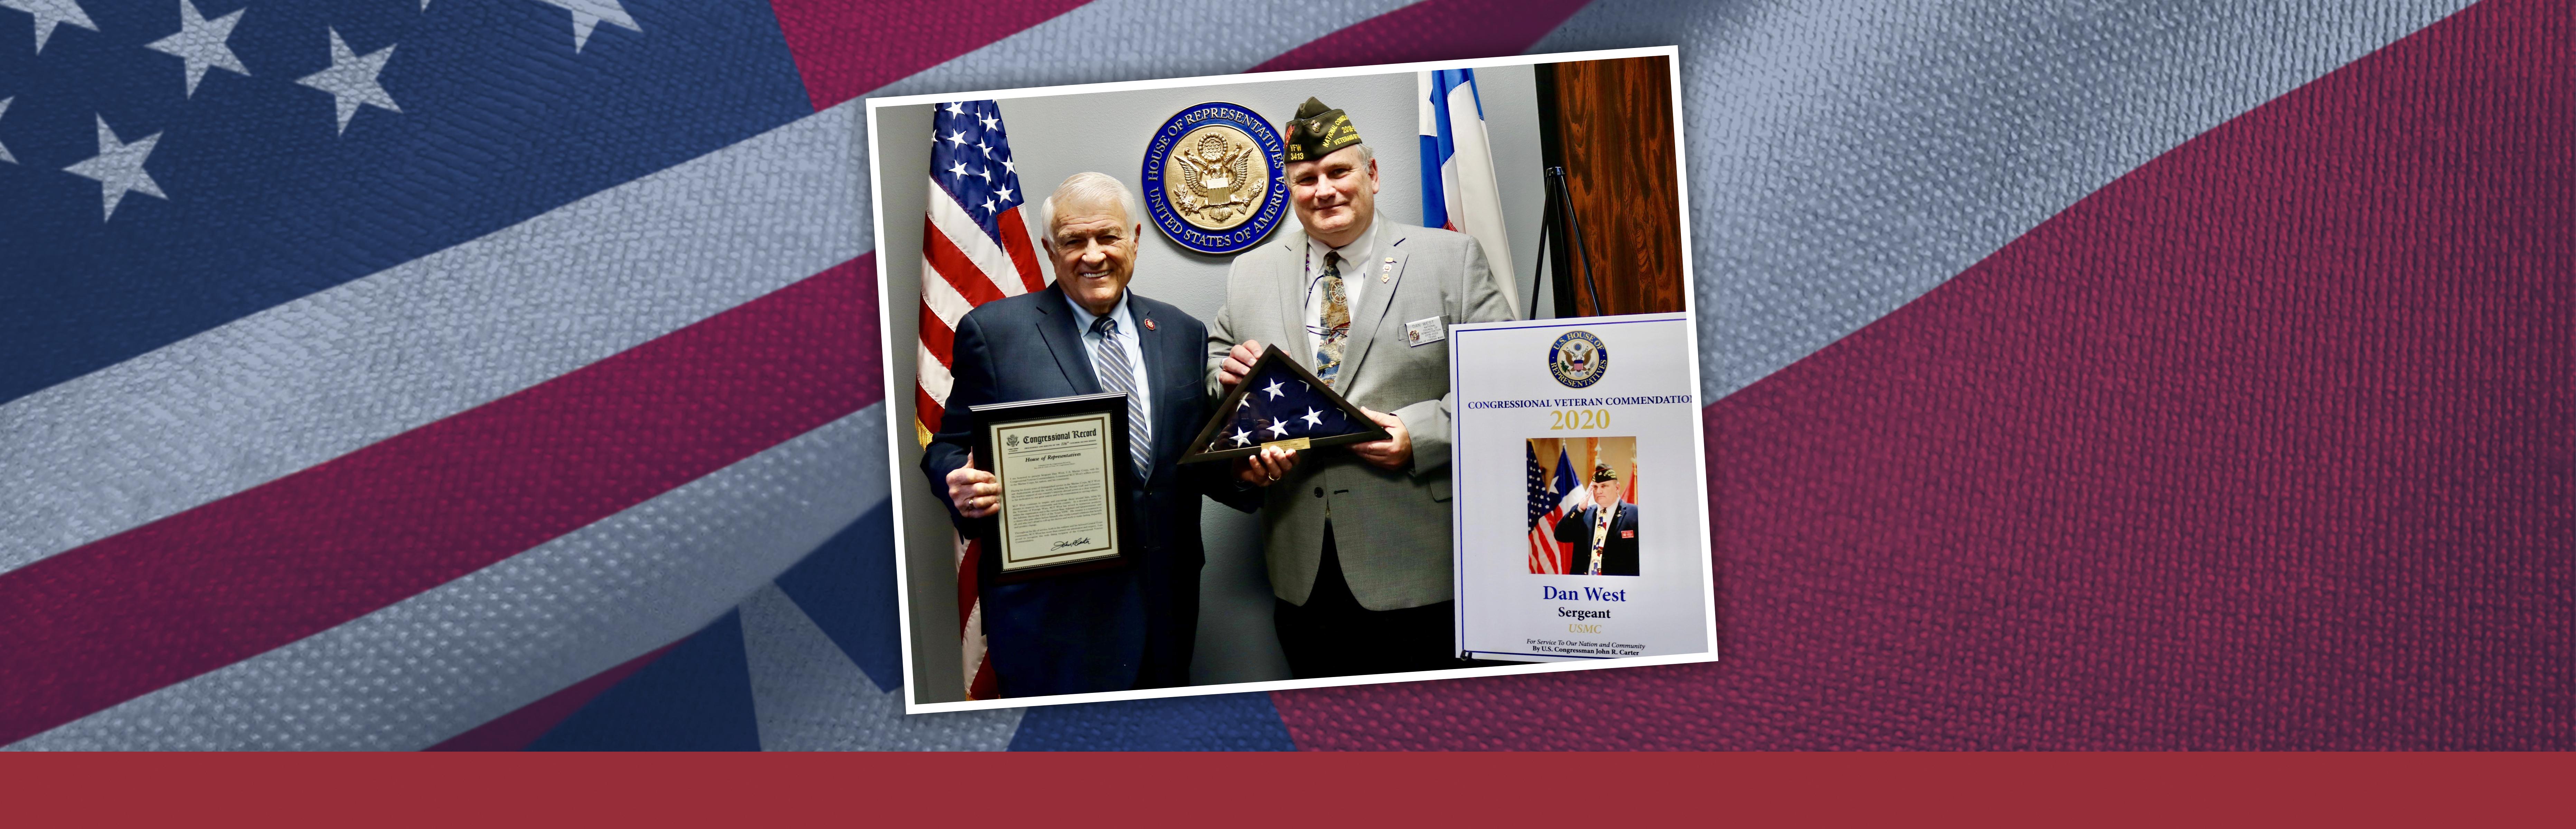 CVC Award